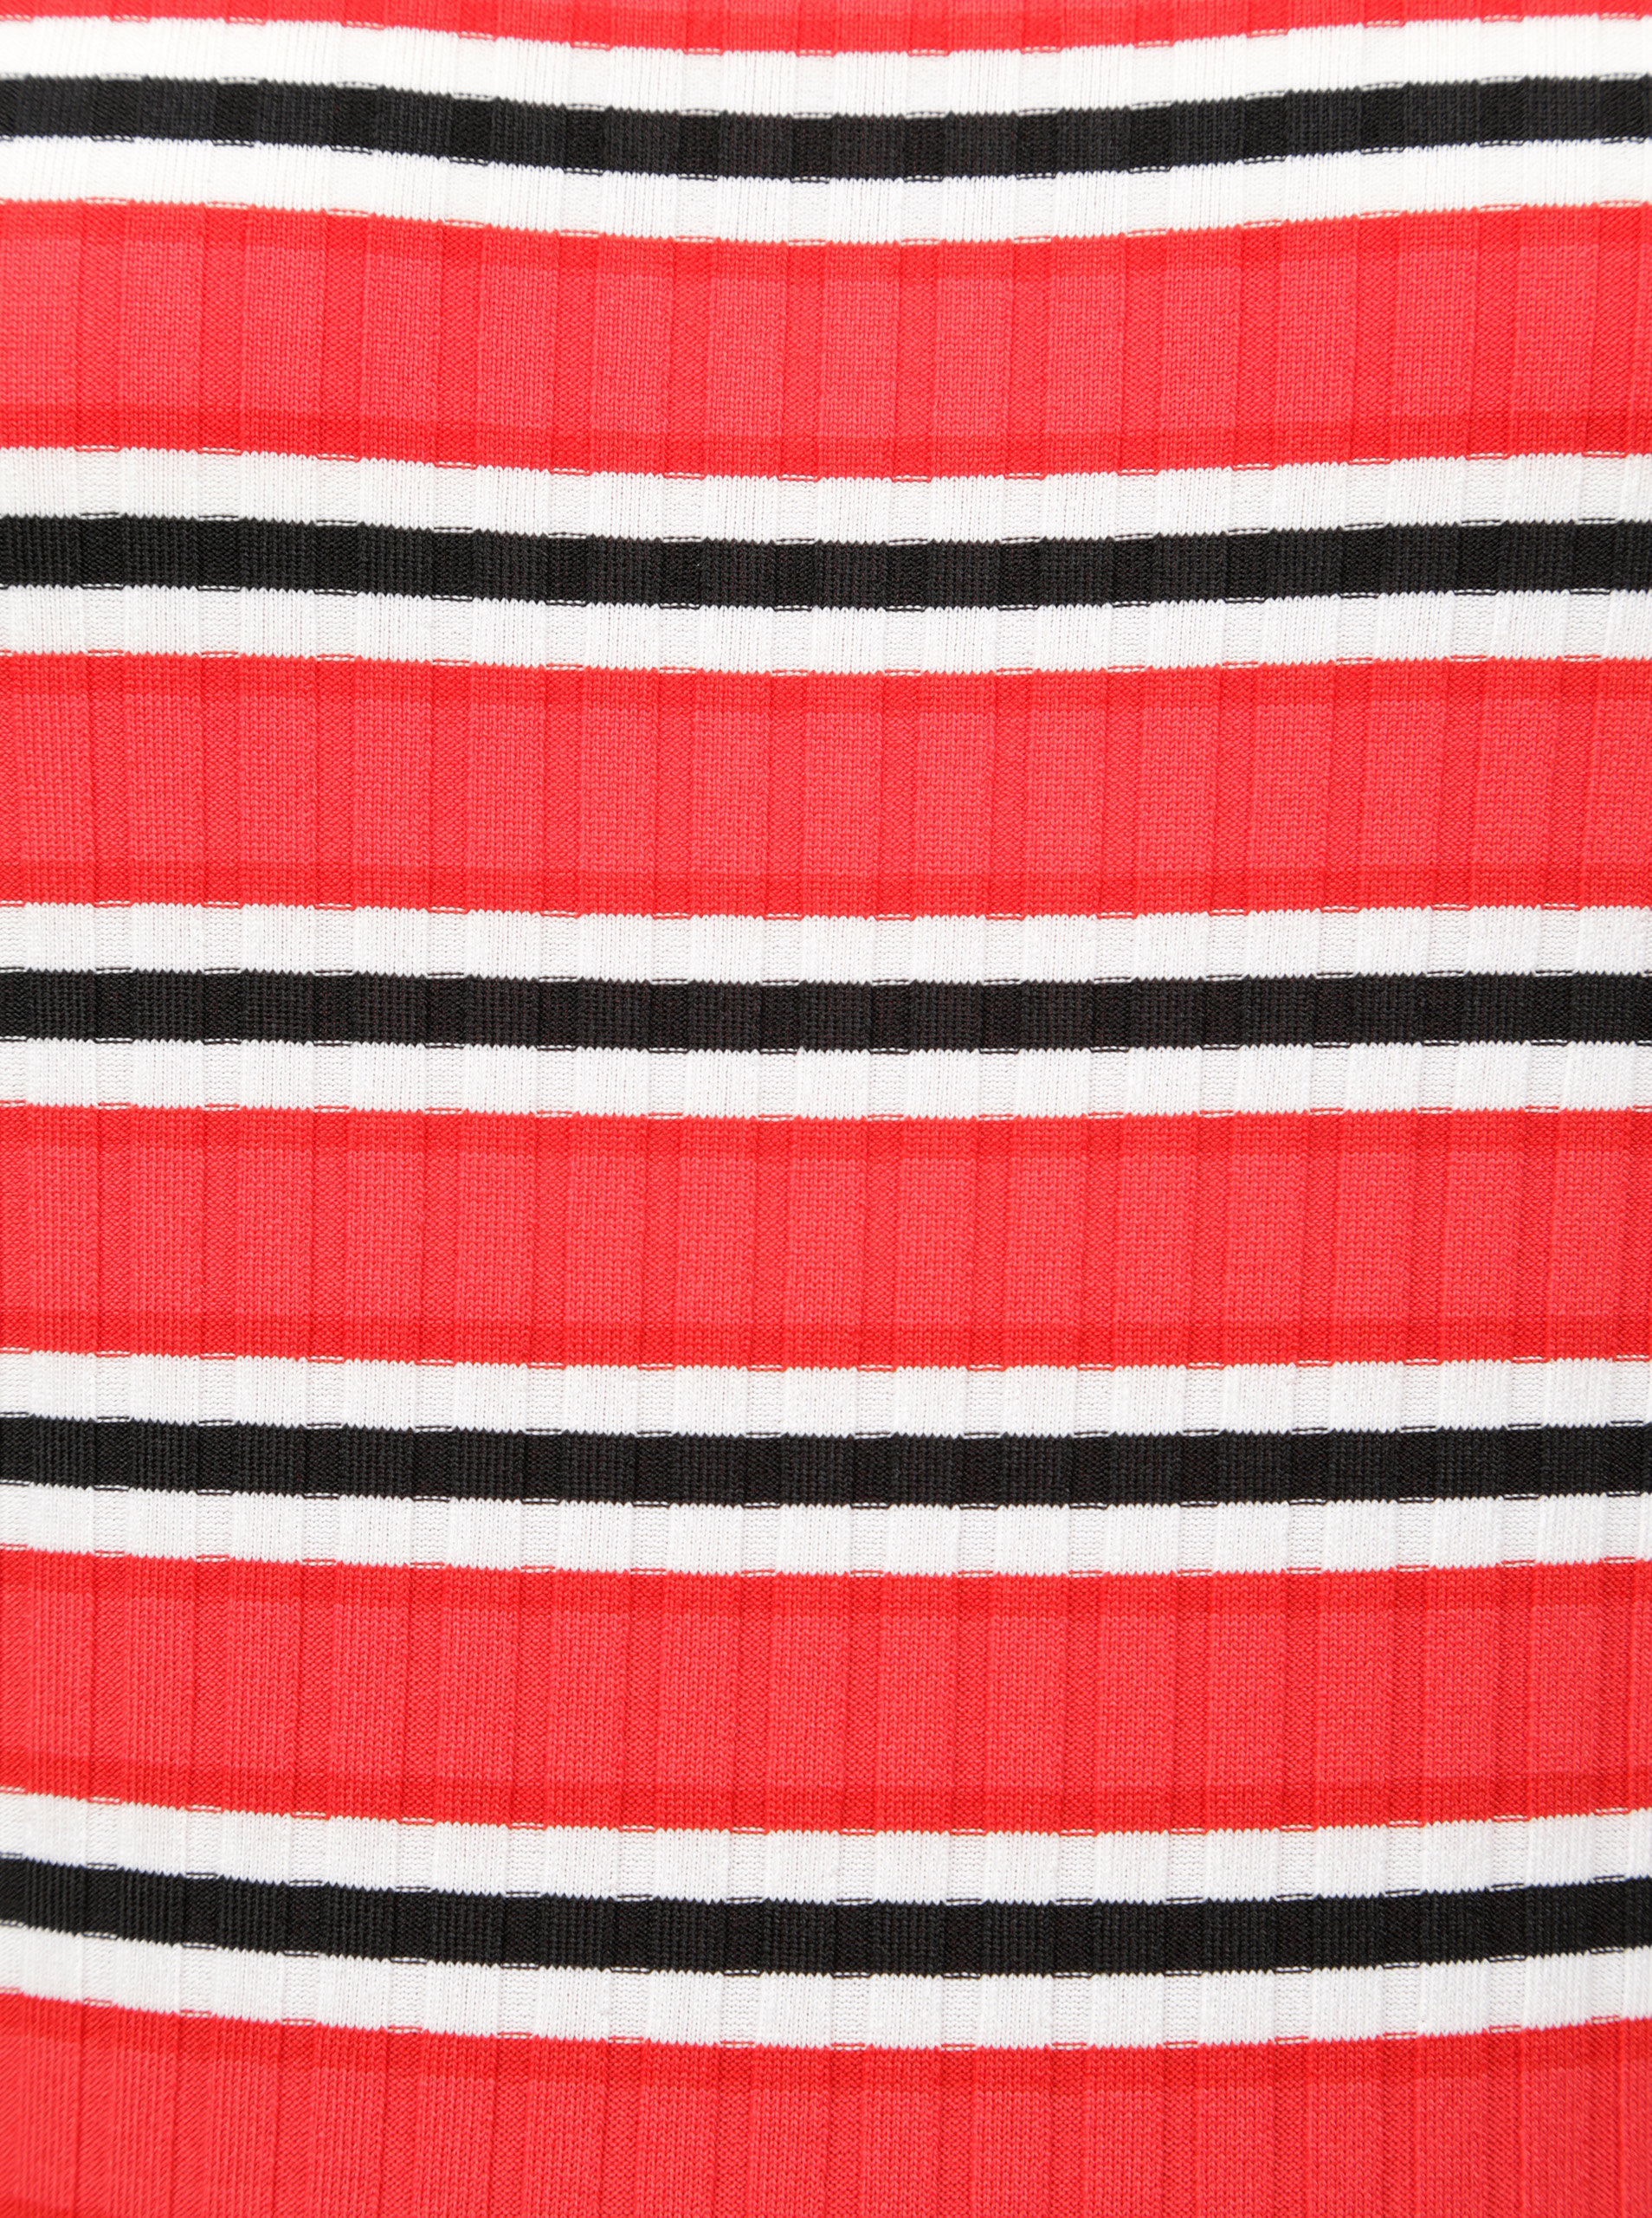 ddb05b1c6850 Bielo-červené puzdrové tehotenské šaty Dorothy Perkins Maternity ...